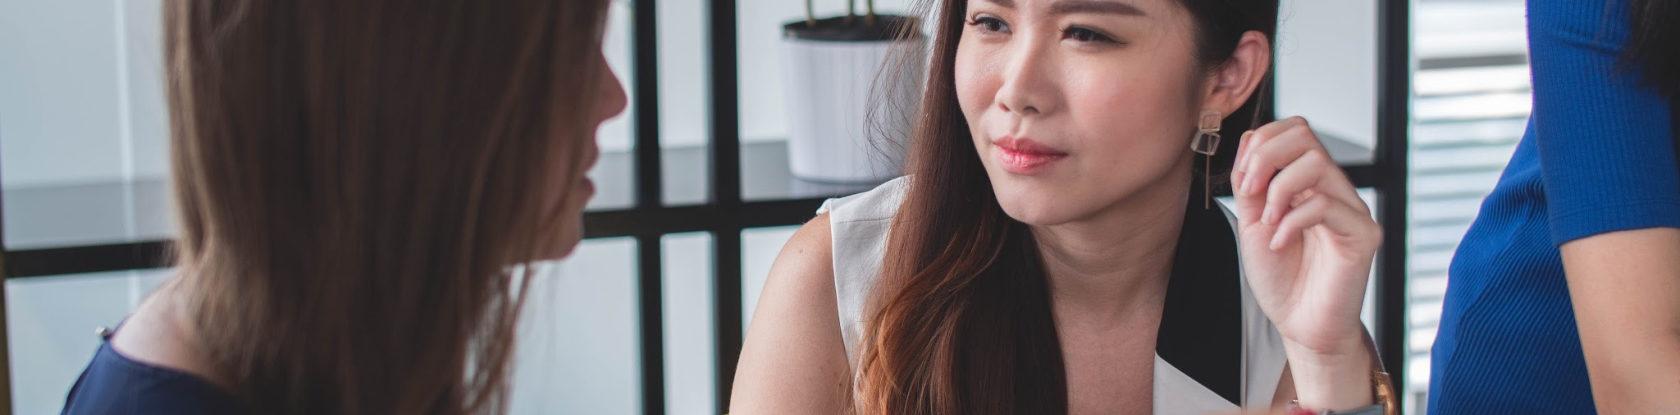 Self-Confidence Women in Tech